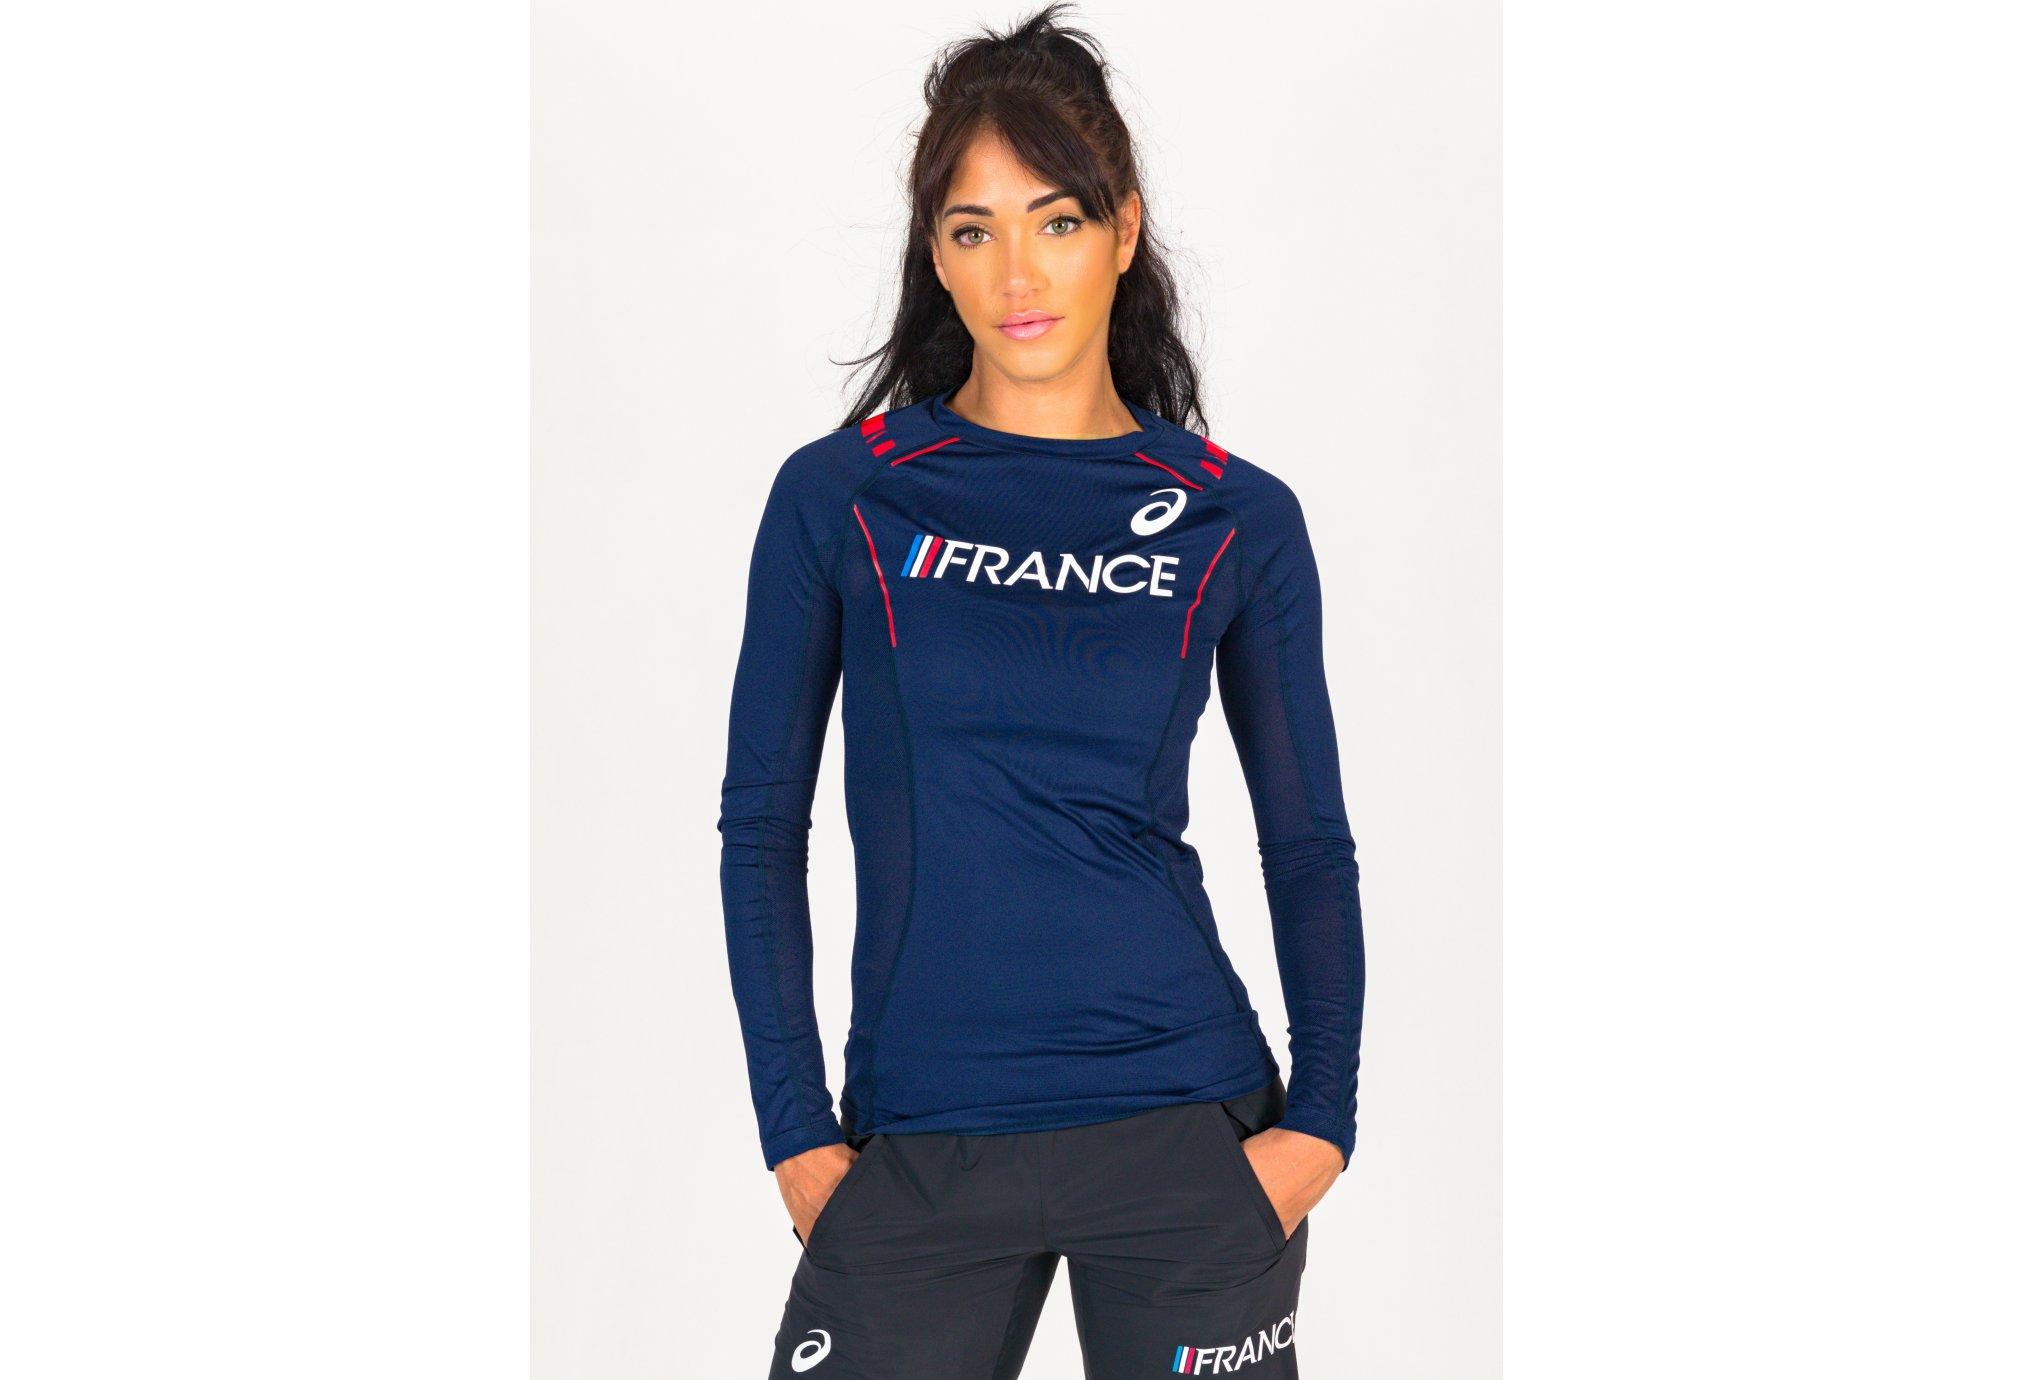 Asics Équipe de France W vêtement running femme